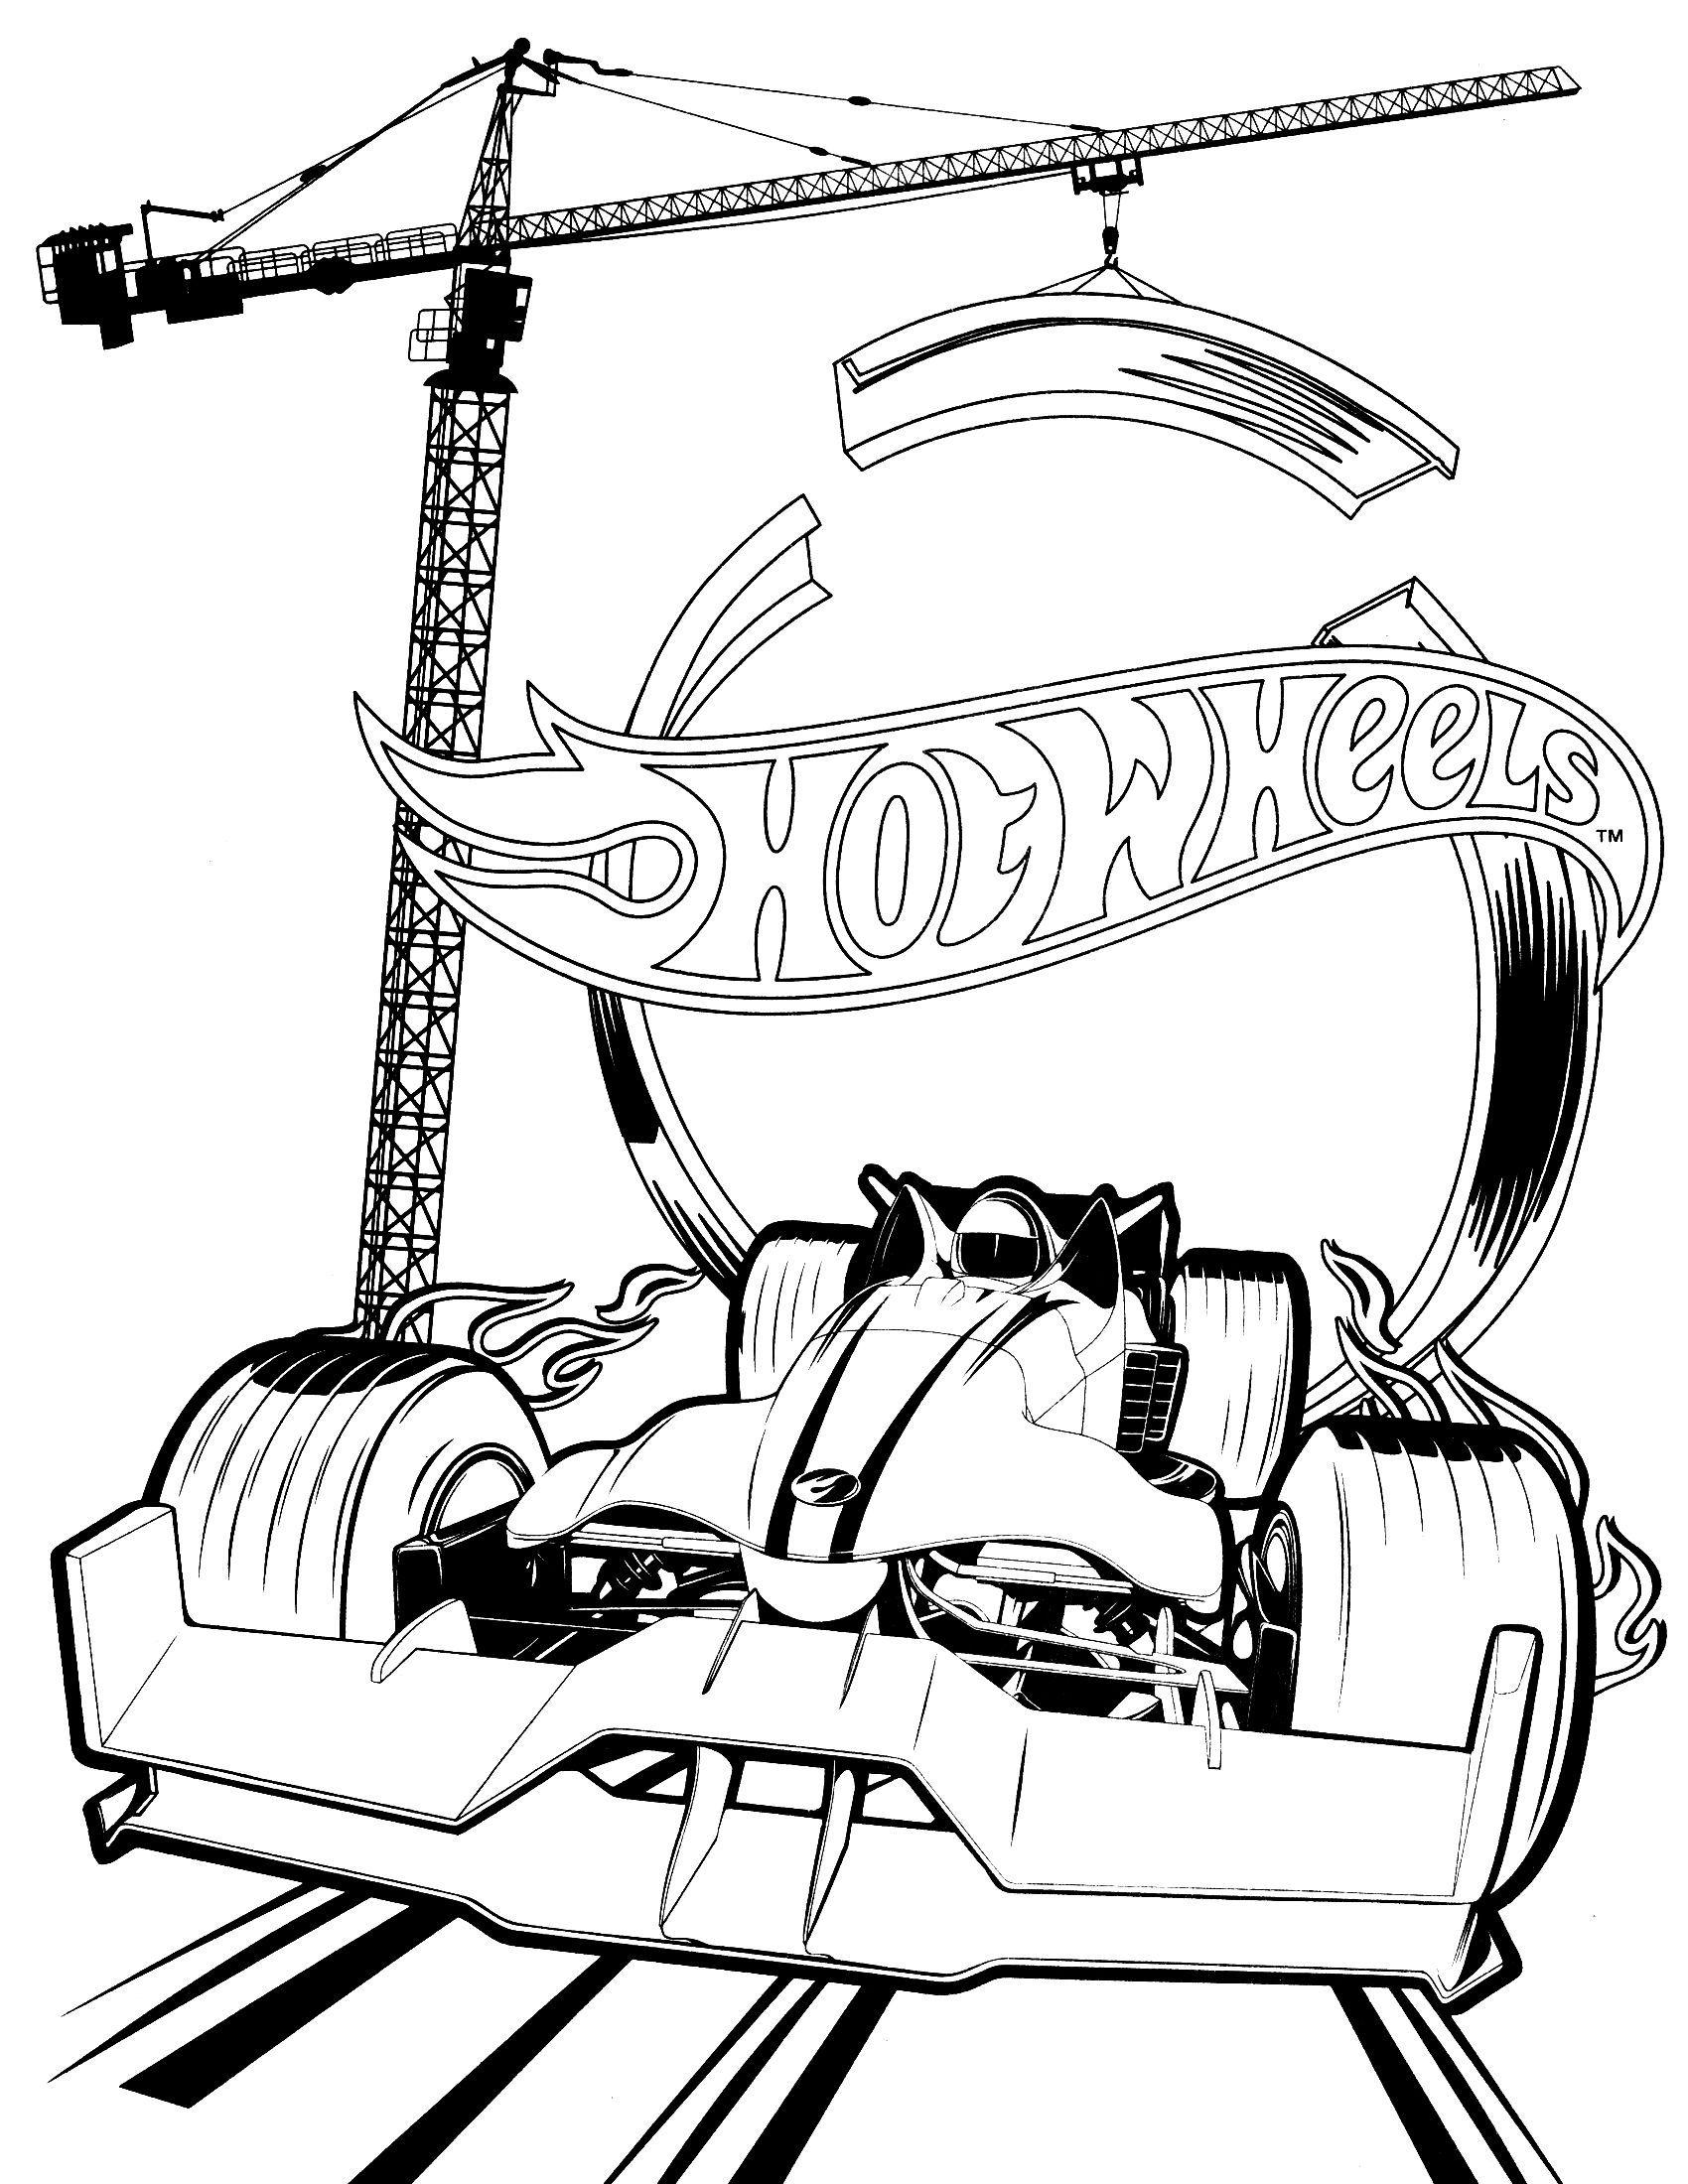 Team Hot Wheels Coloring Pages 3 Xyz Hot Wheels Hot Dibujos De Coches Modelos De Letras Arte De Ilustracion